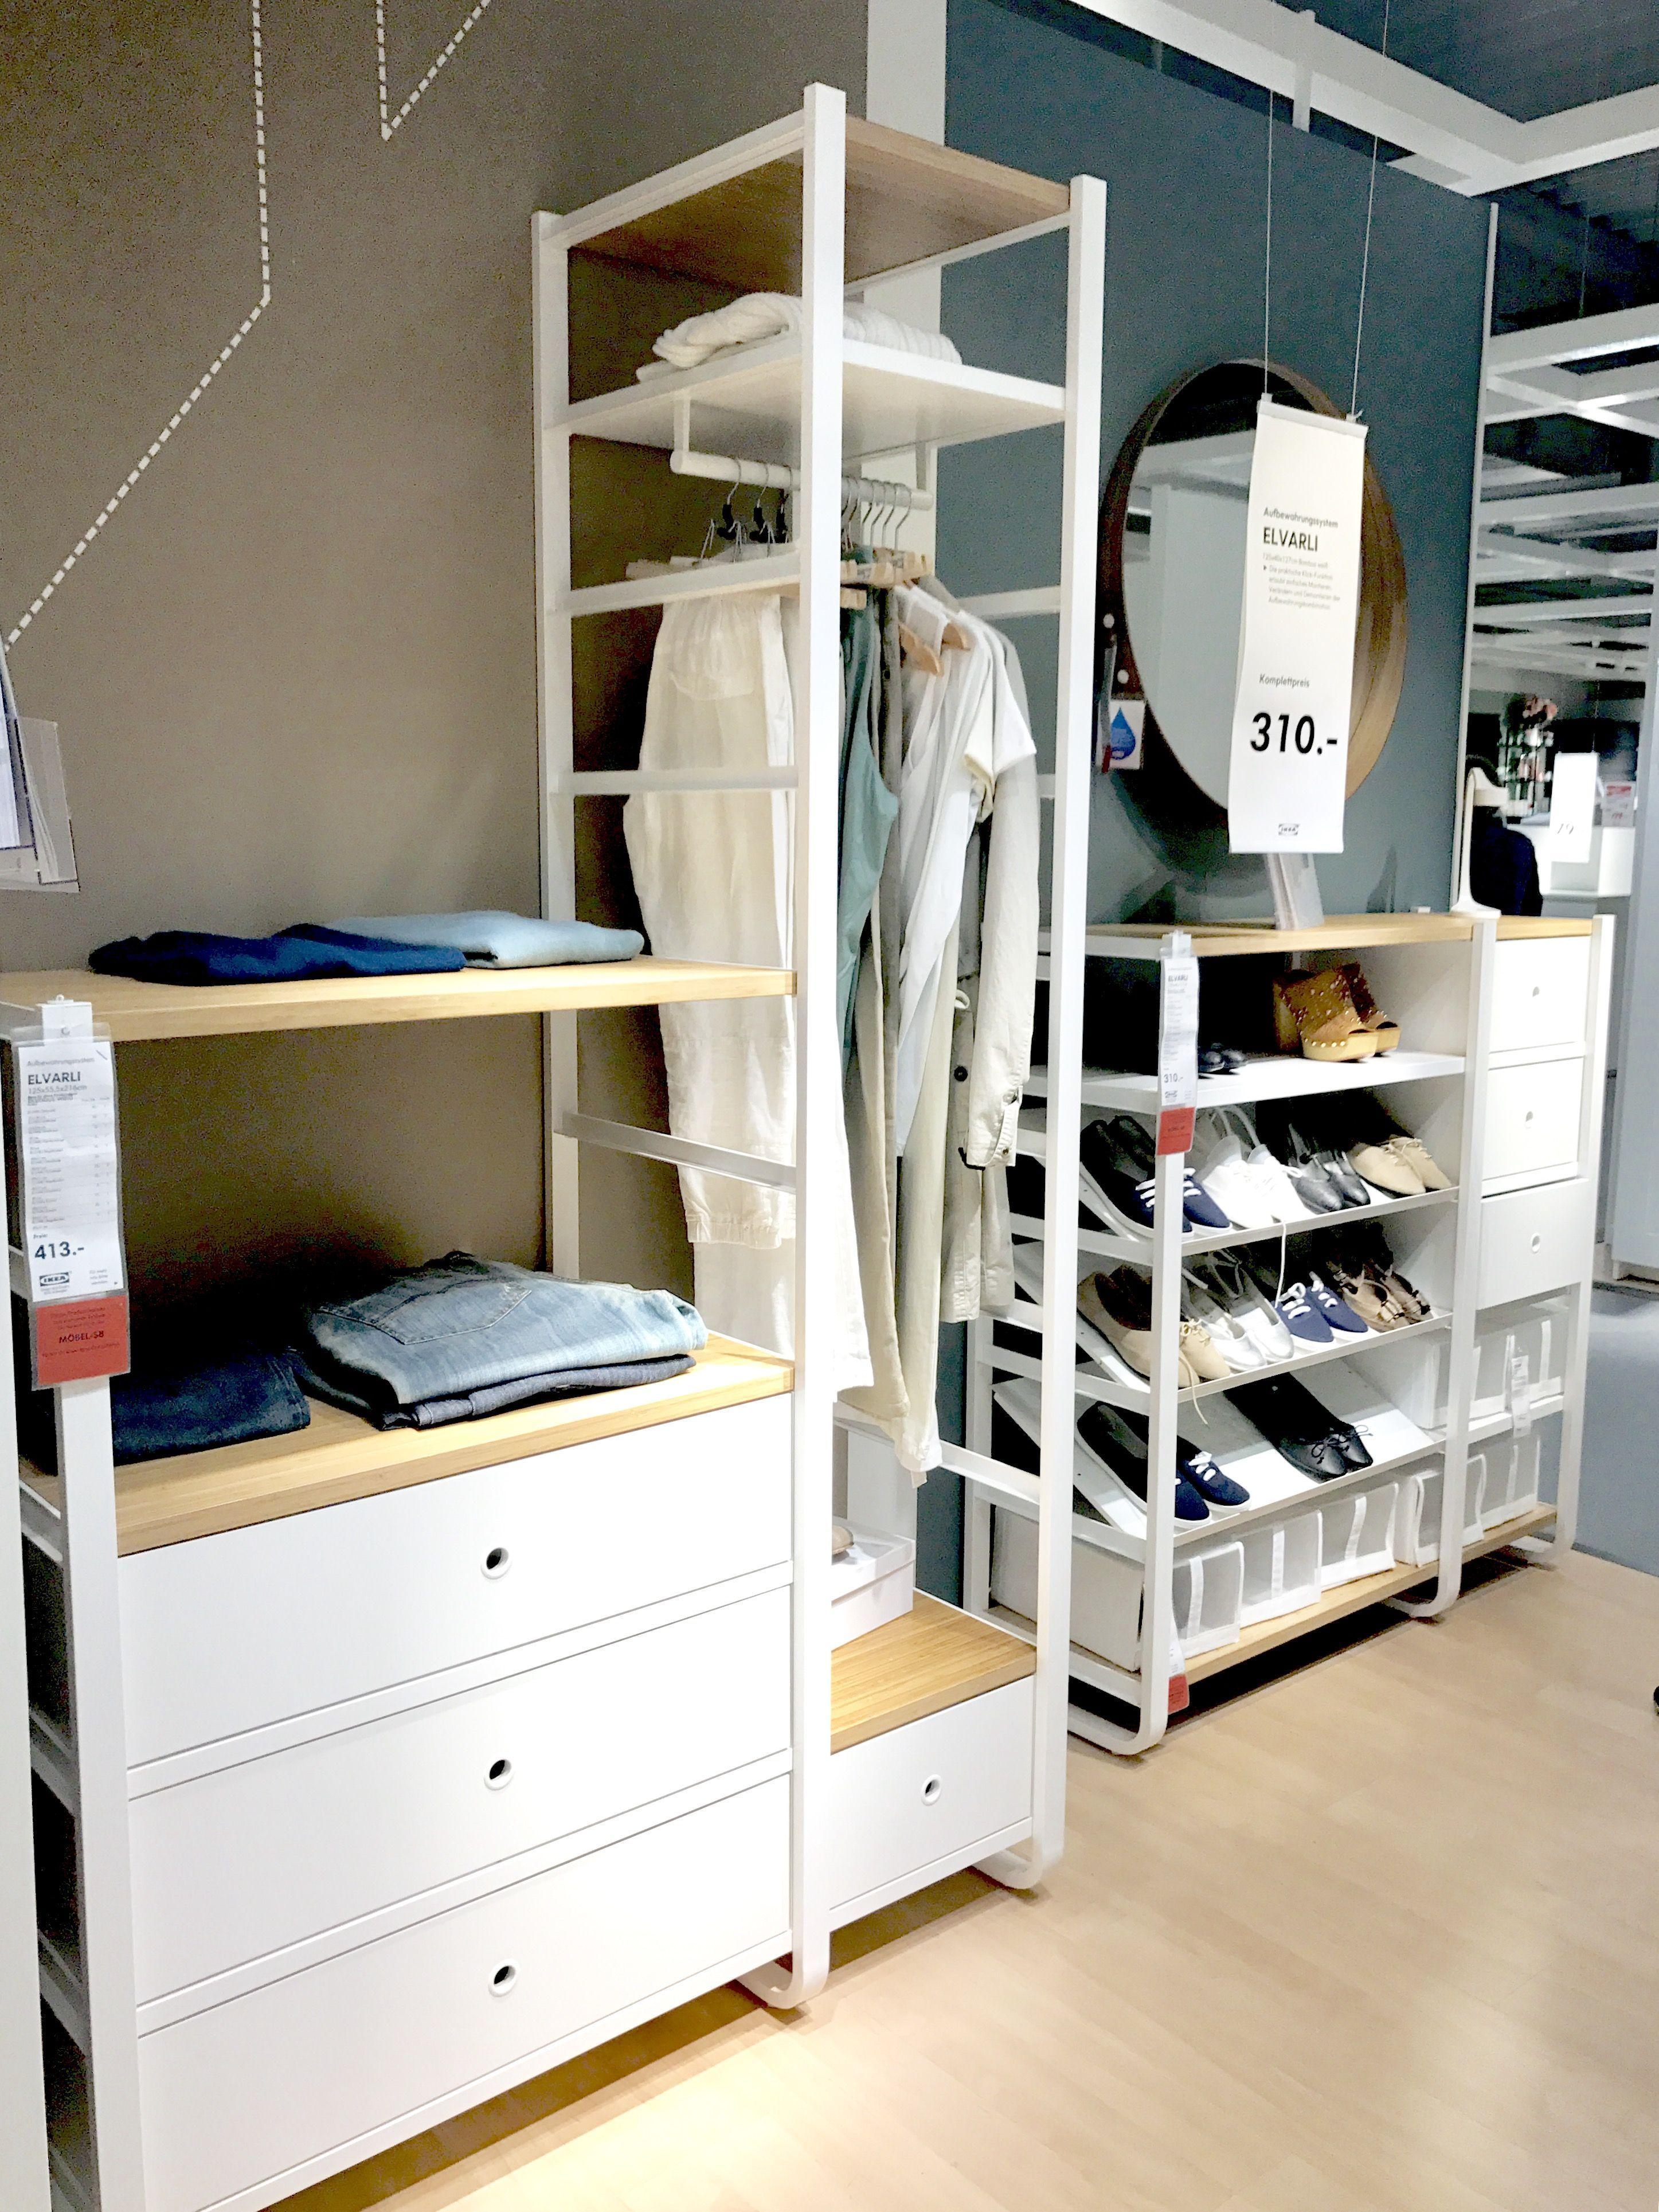 Ikea Elvarli Begebarer Kleiderschrank Ankleidezimm In 2020